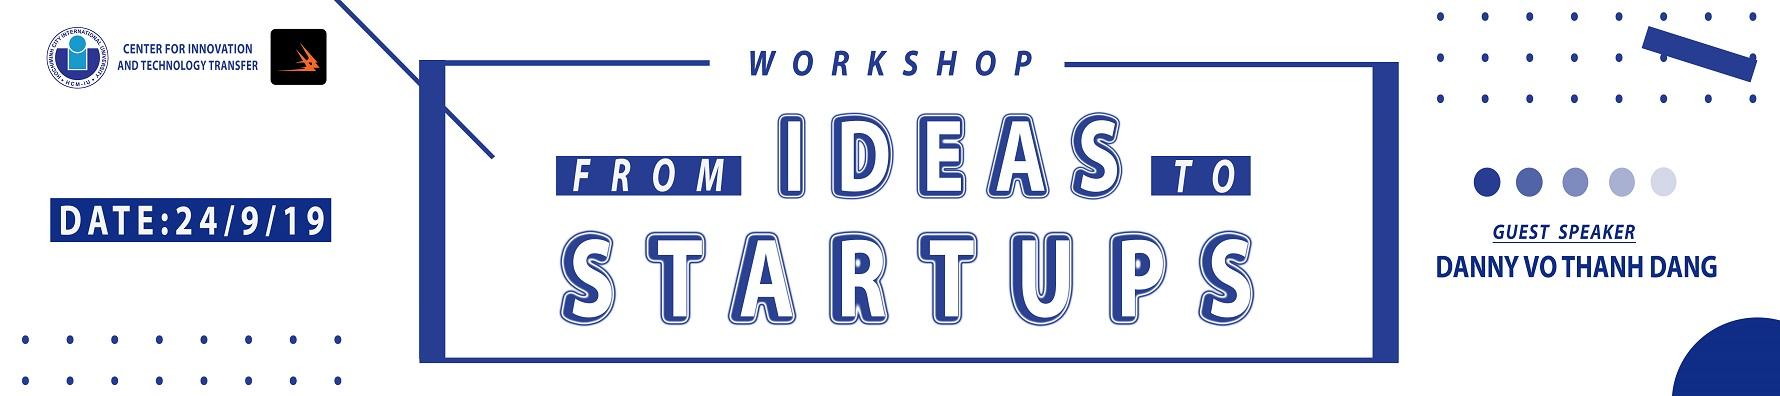 """Đại học Quốc tế tổ chức Hội thảo """"From Ideas to Startups"""""""